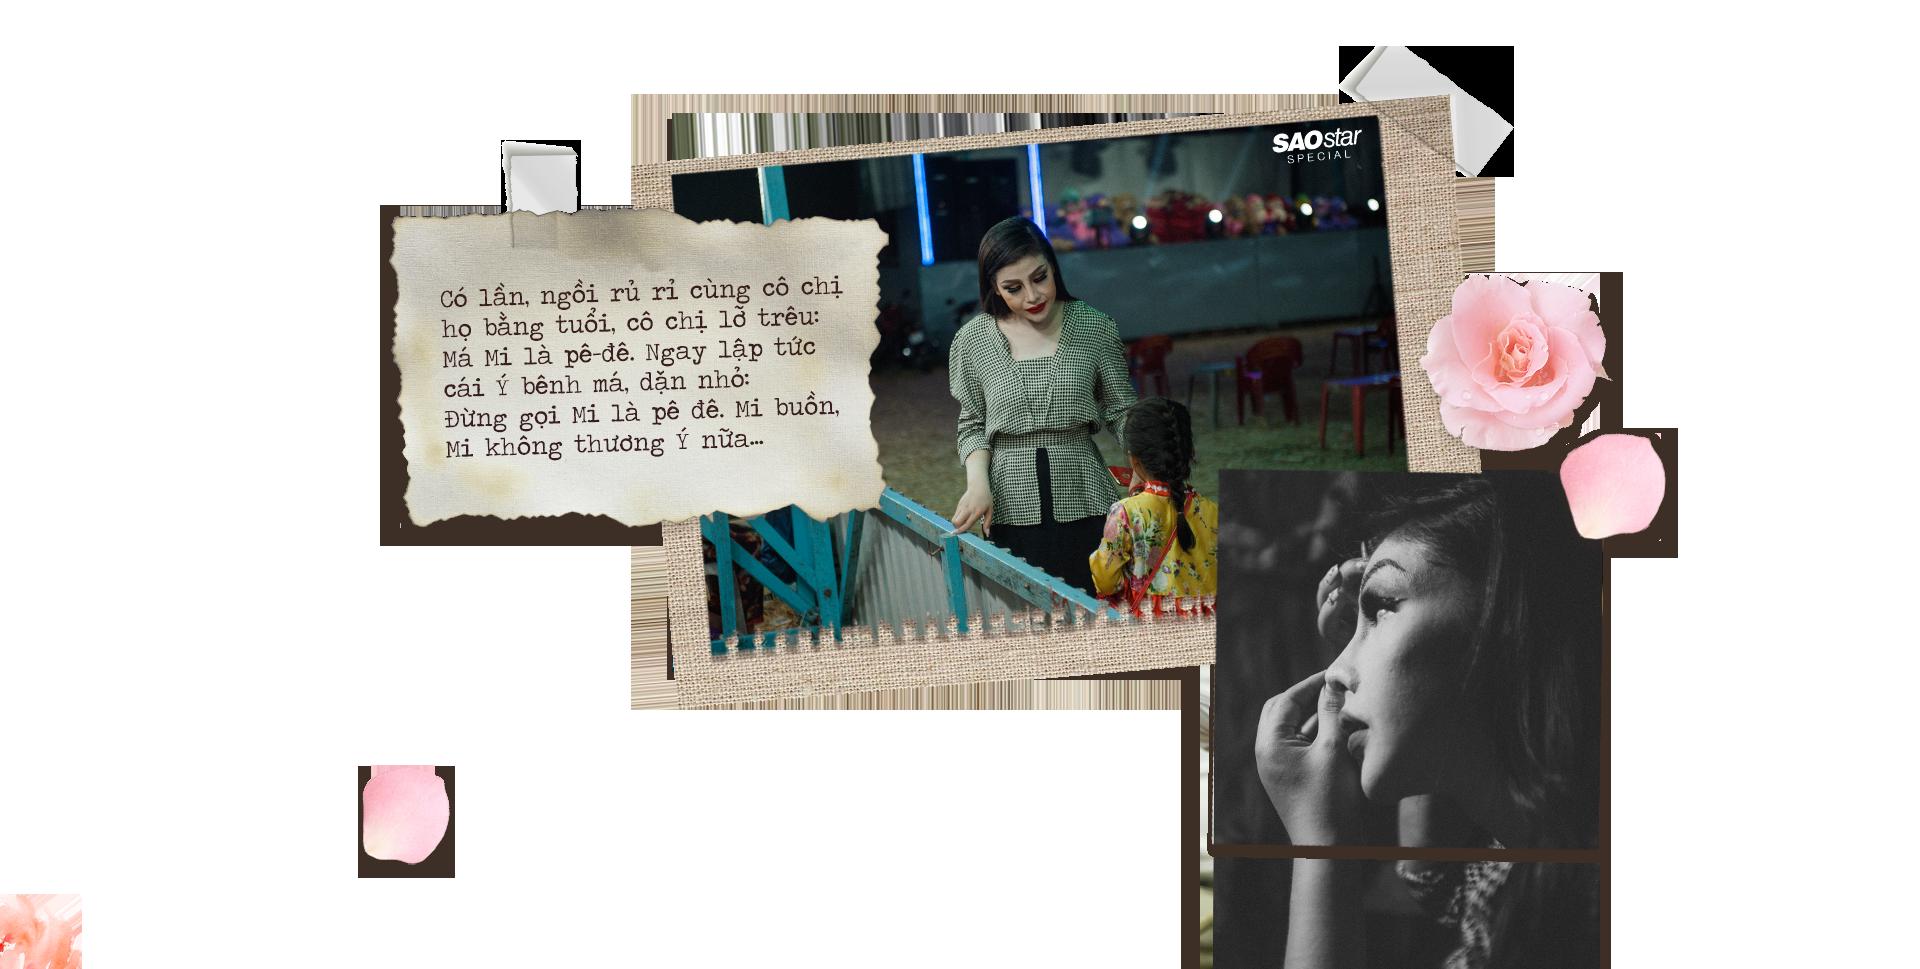 20/10 năm nay, rưng rưng đọc những câu chuyện về sự hi sinh của mẹ